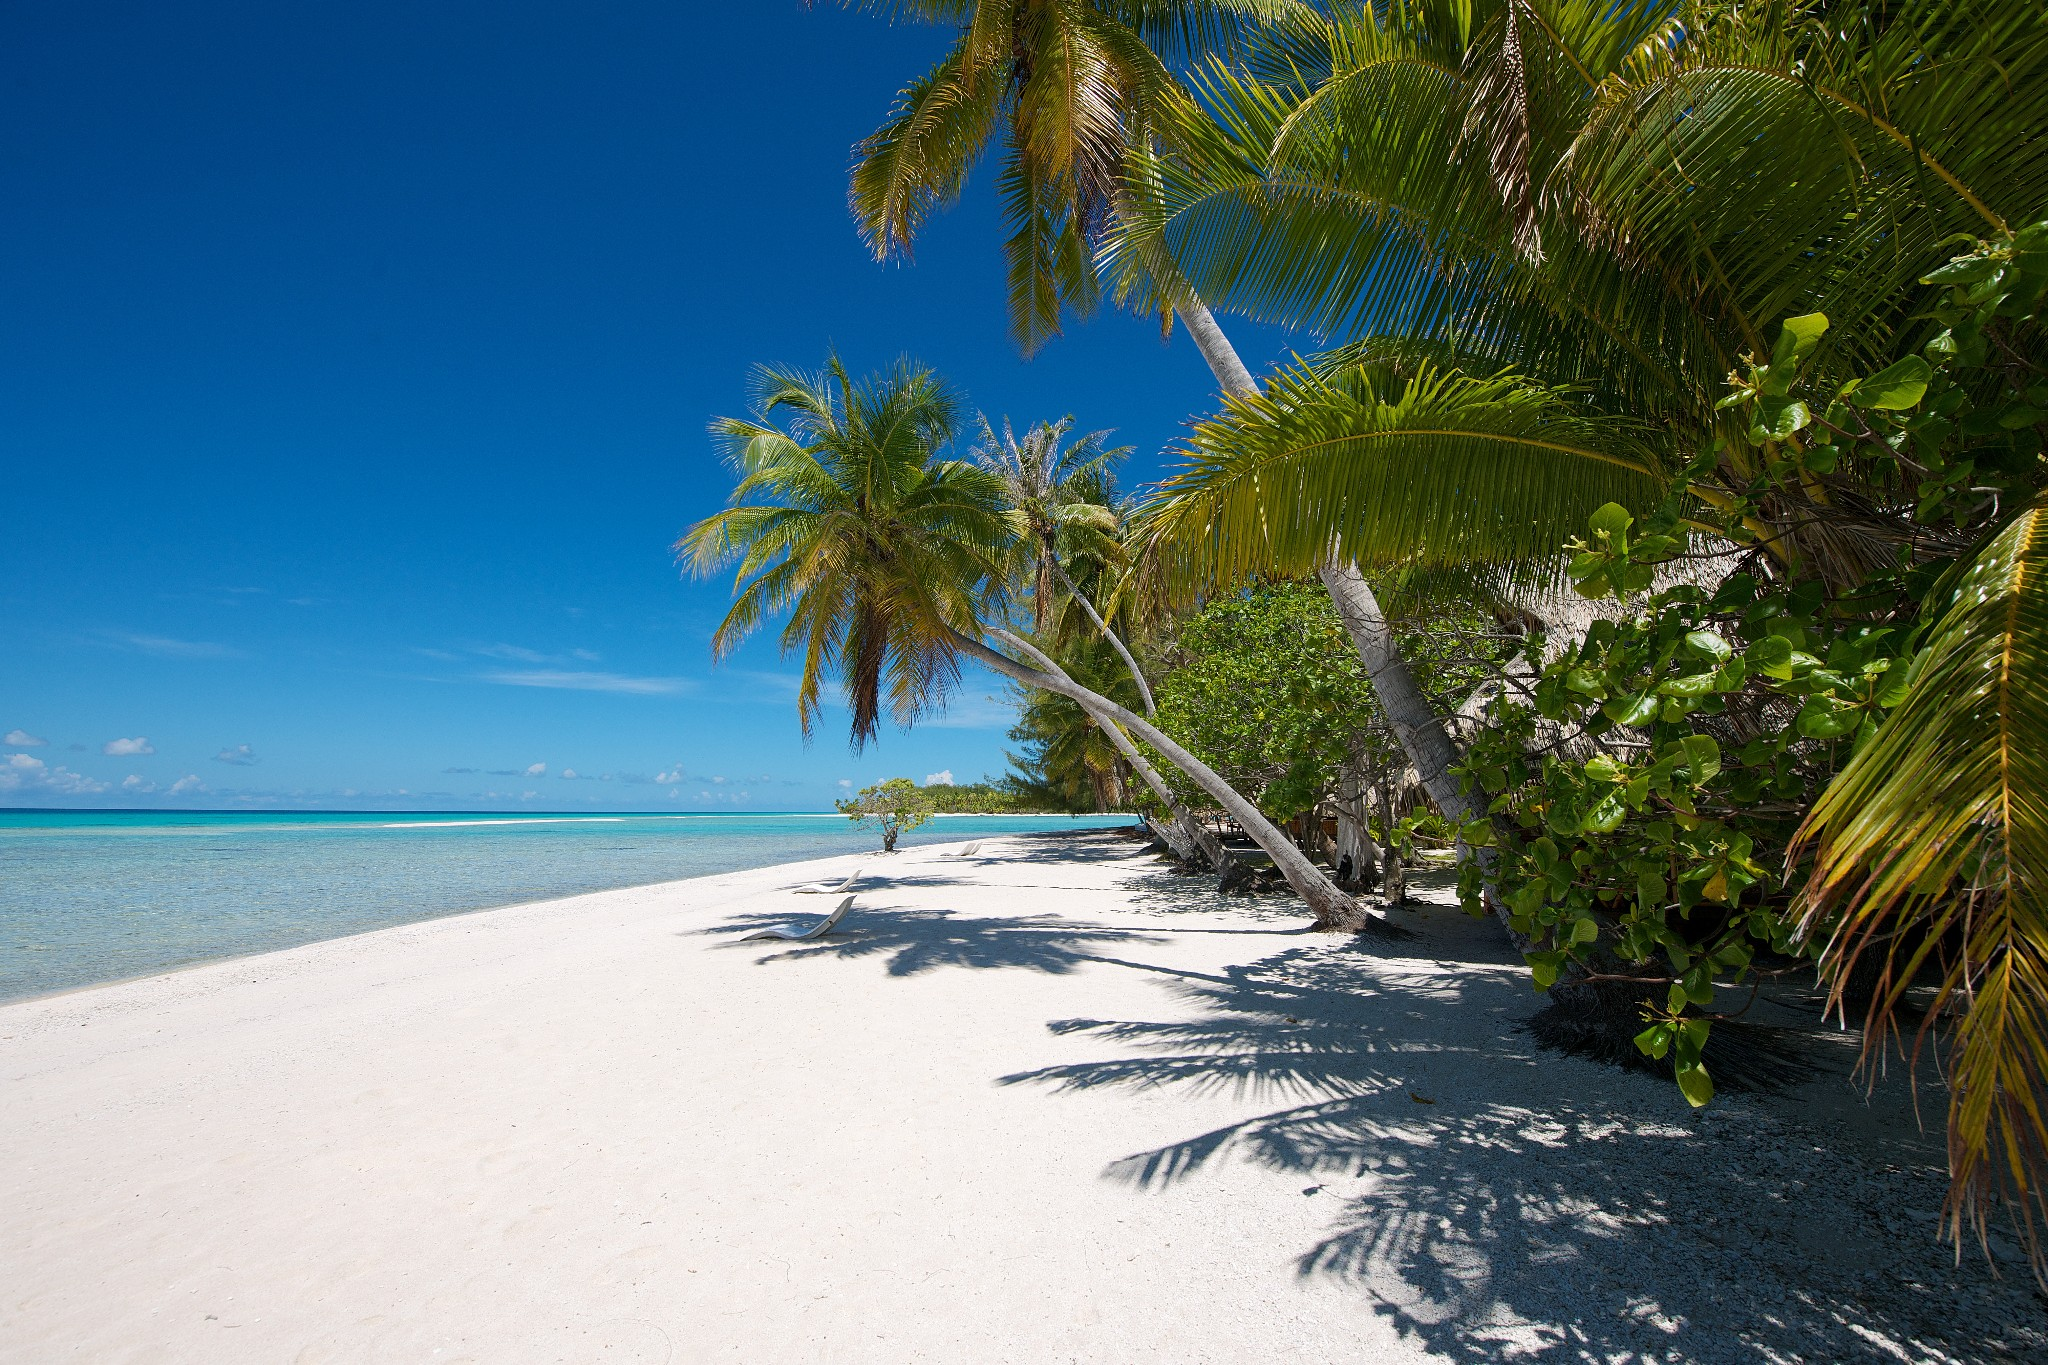 https://tahititourisme.be/wp-content/uploads/2021/05/Polynesie-Kia-Ora-Sauvage-26.jpg